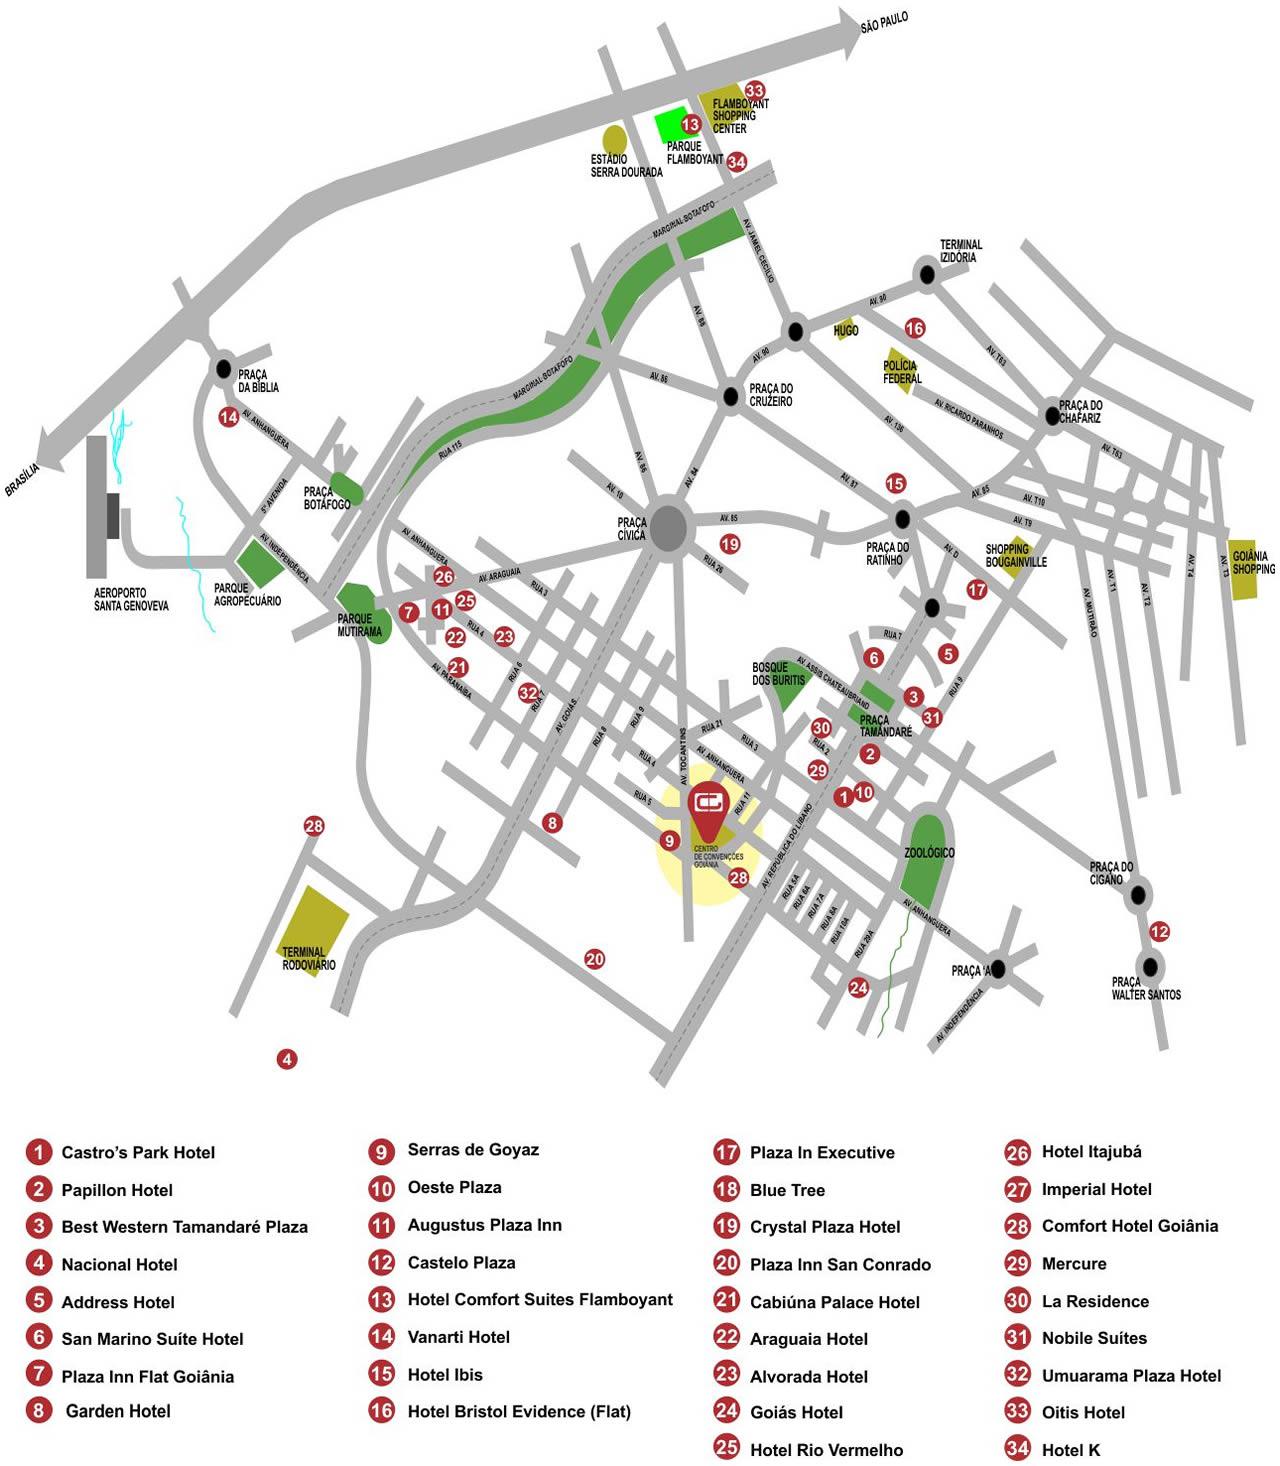 mapa-hoteis-2016